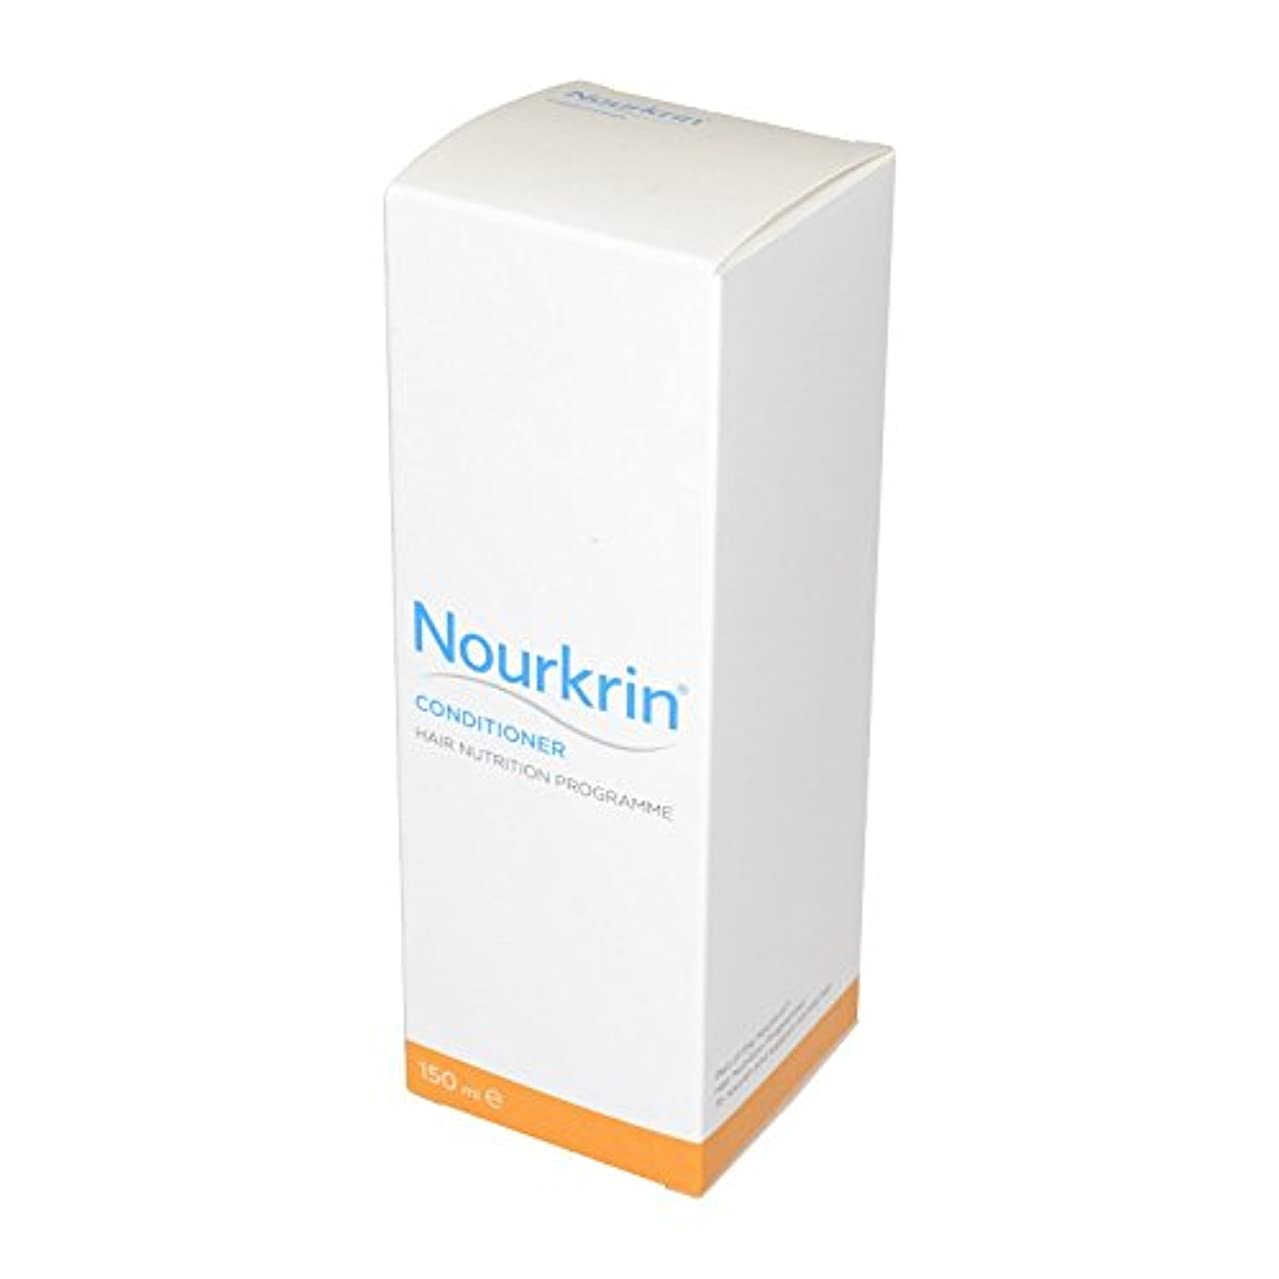 発送純粋に悪質なNourkrin Conditioner (Pack of 2) - Nourkrinコンディショナー (x2) [並行輸入品]